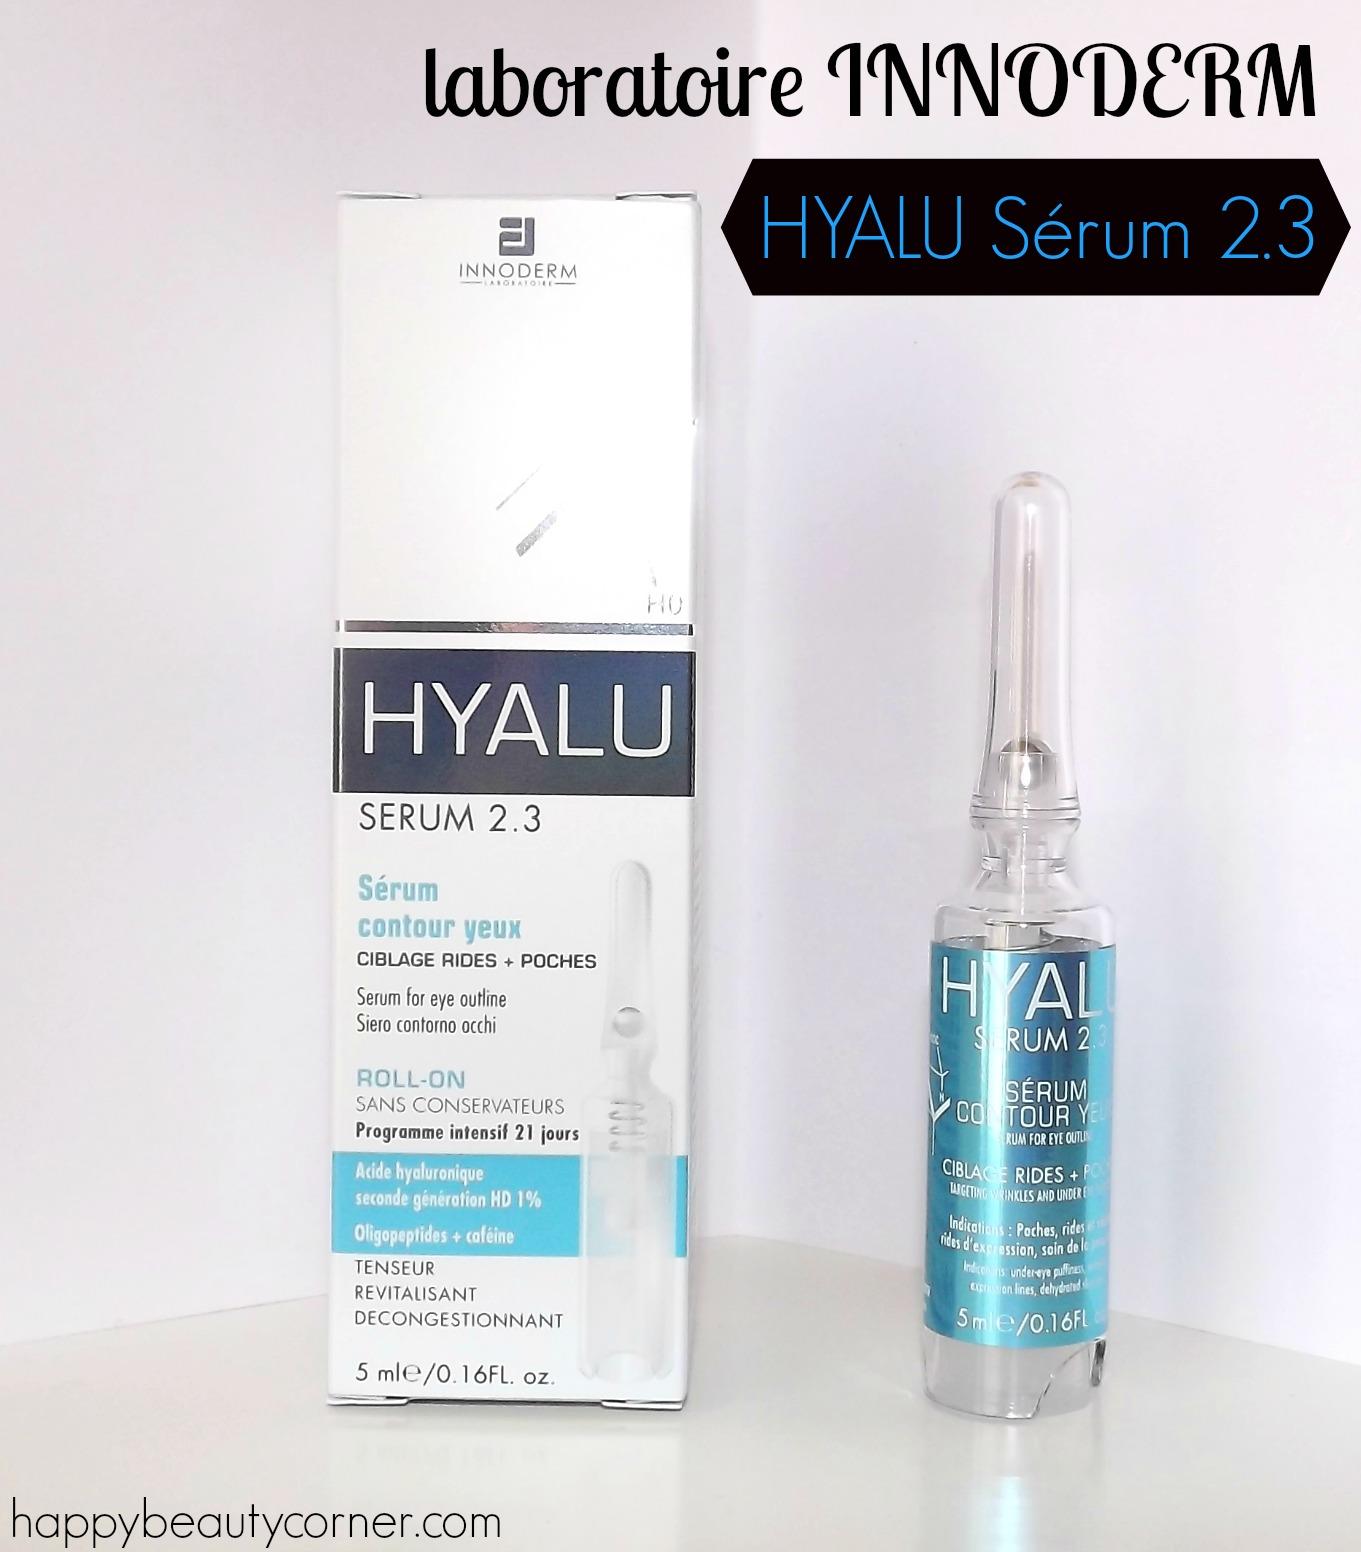 hyalu serum